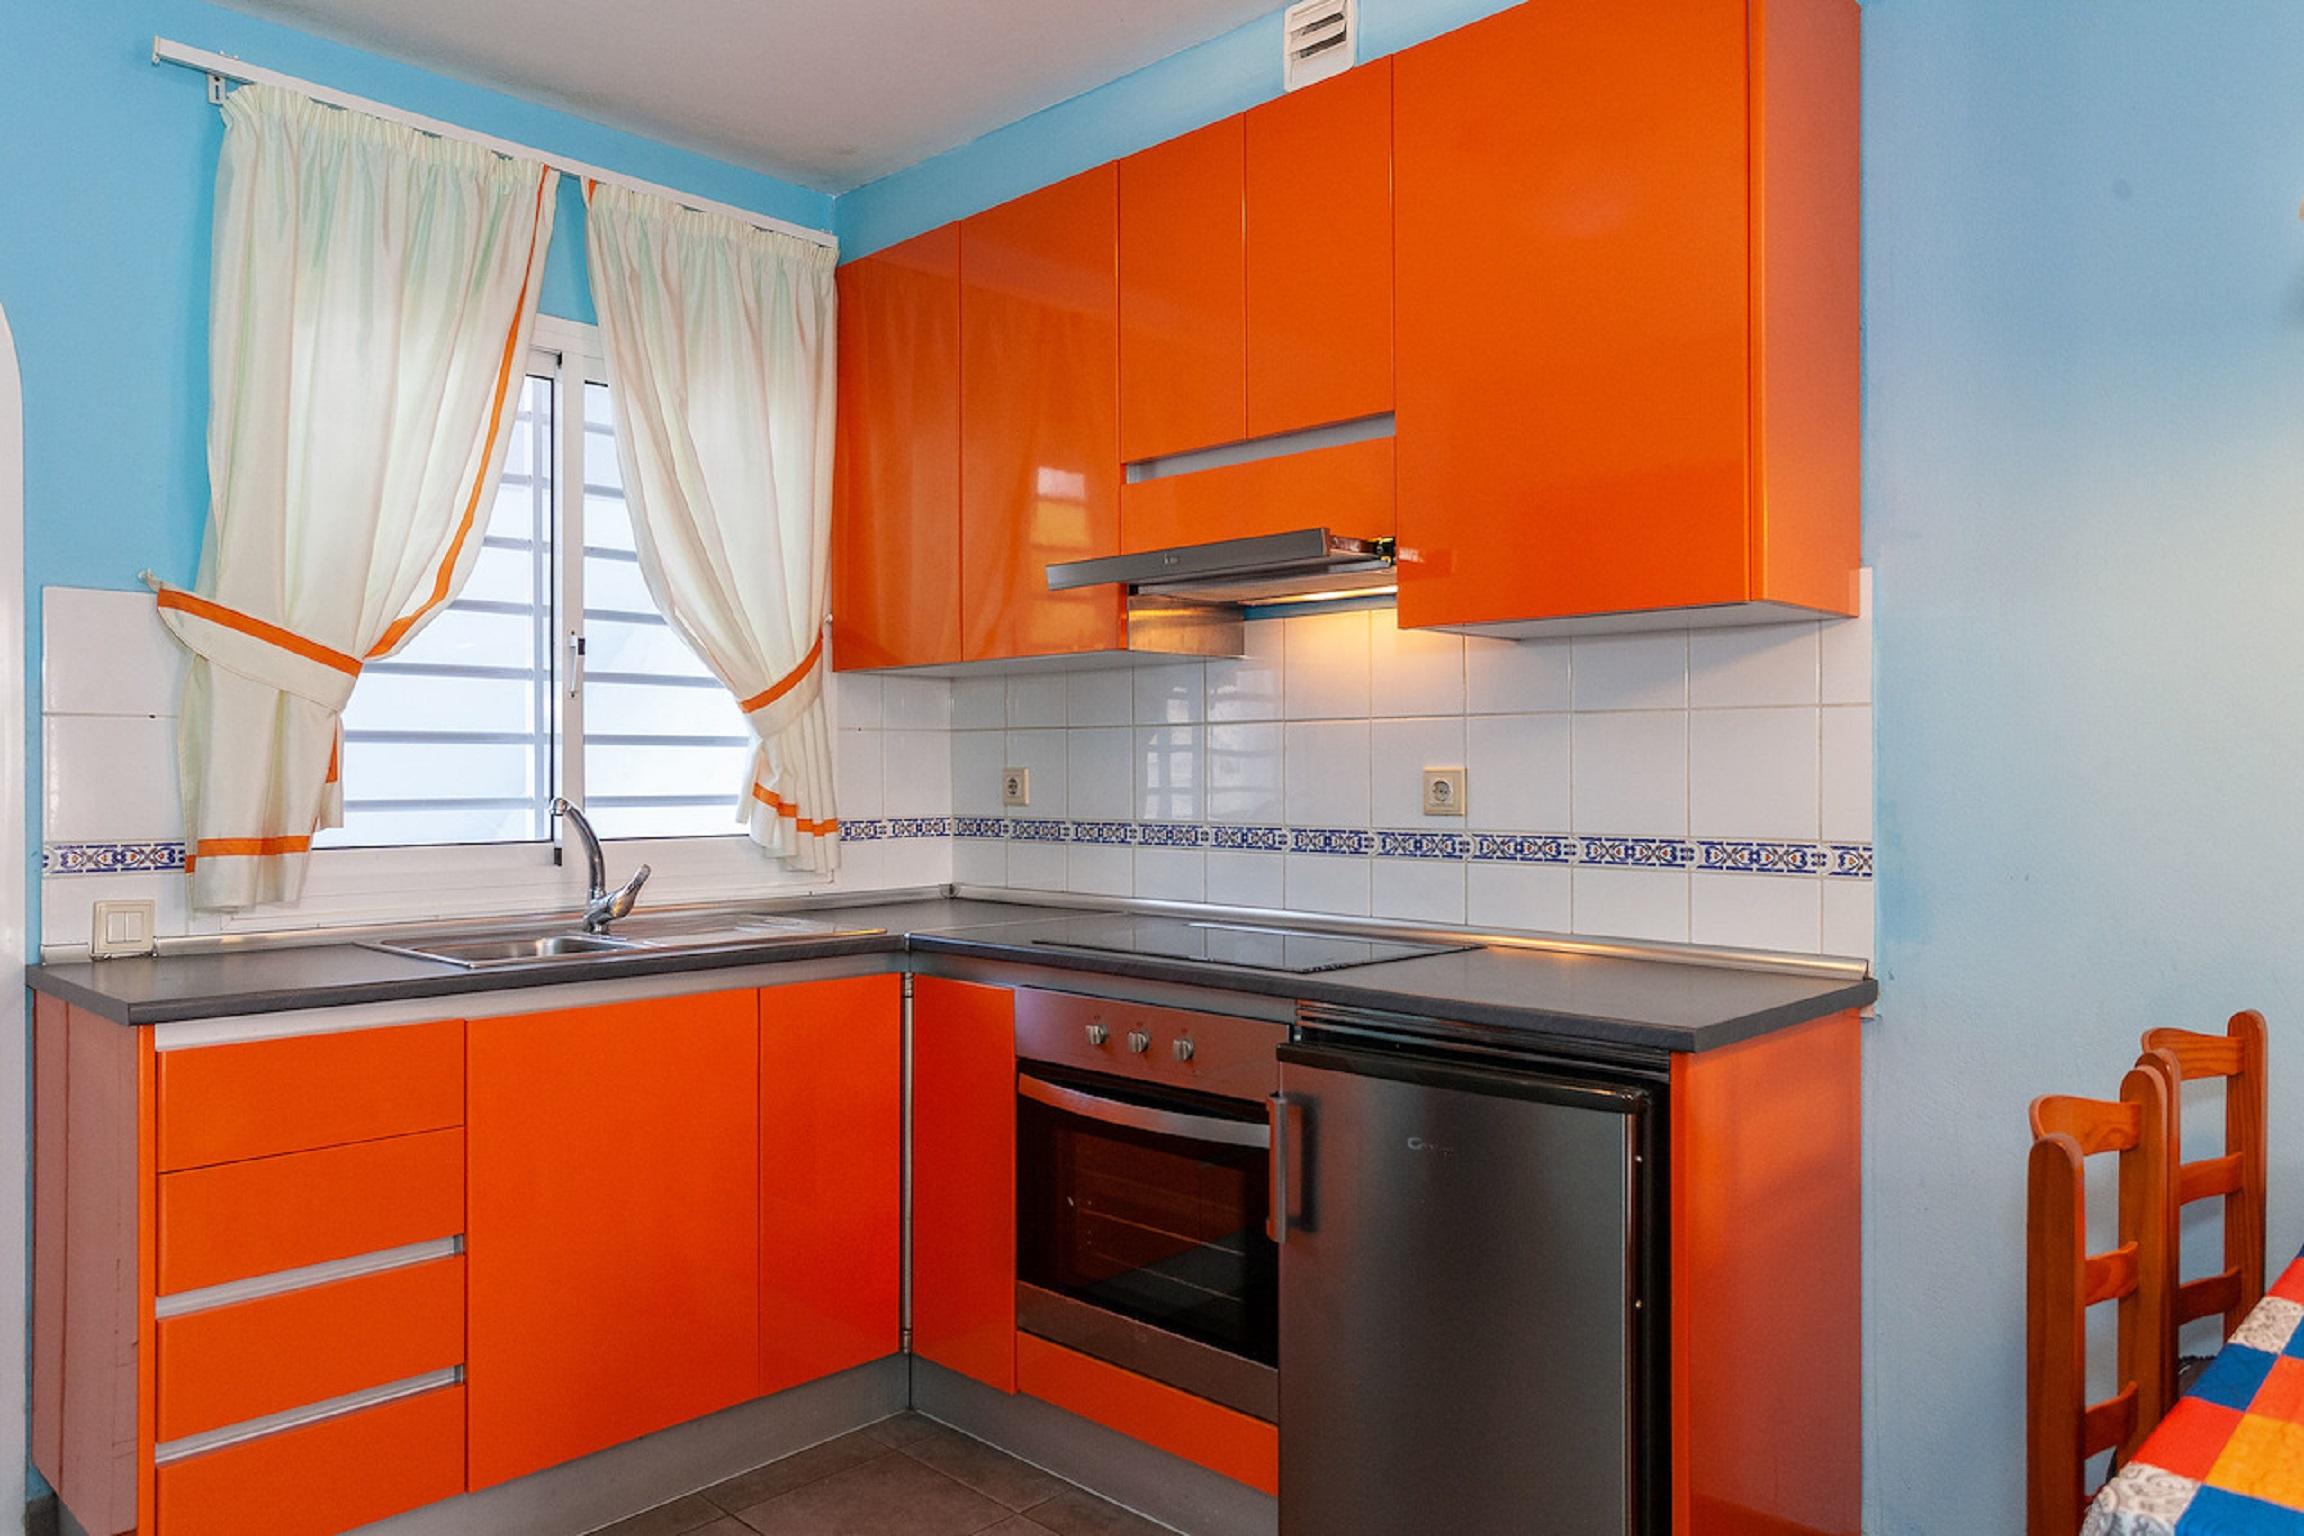 Ferienwohnung Apartment in Strandnhe mit groer Terrasse, Wlan und Parkplatz (2628896), Costa Calma, Fuerteventura, Kanarische Inseln, Spanien, Bild 12